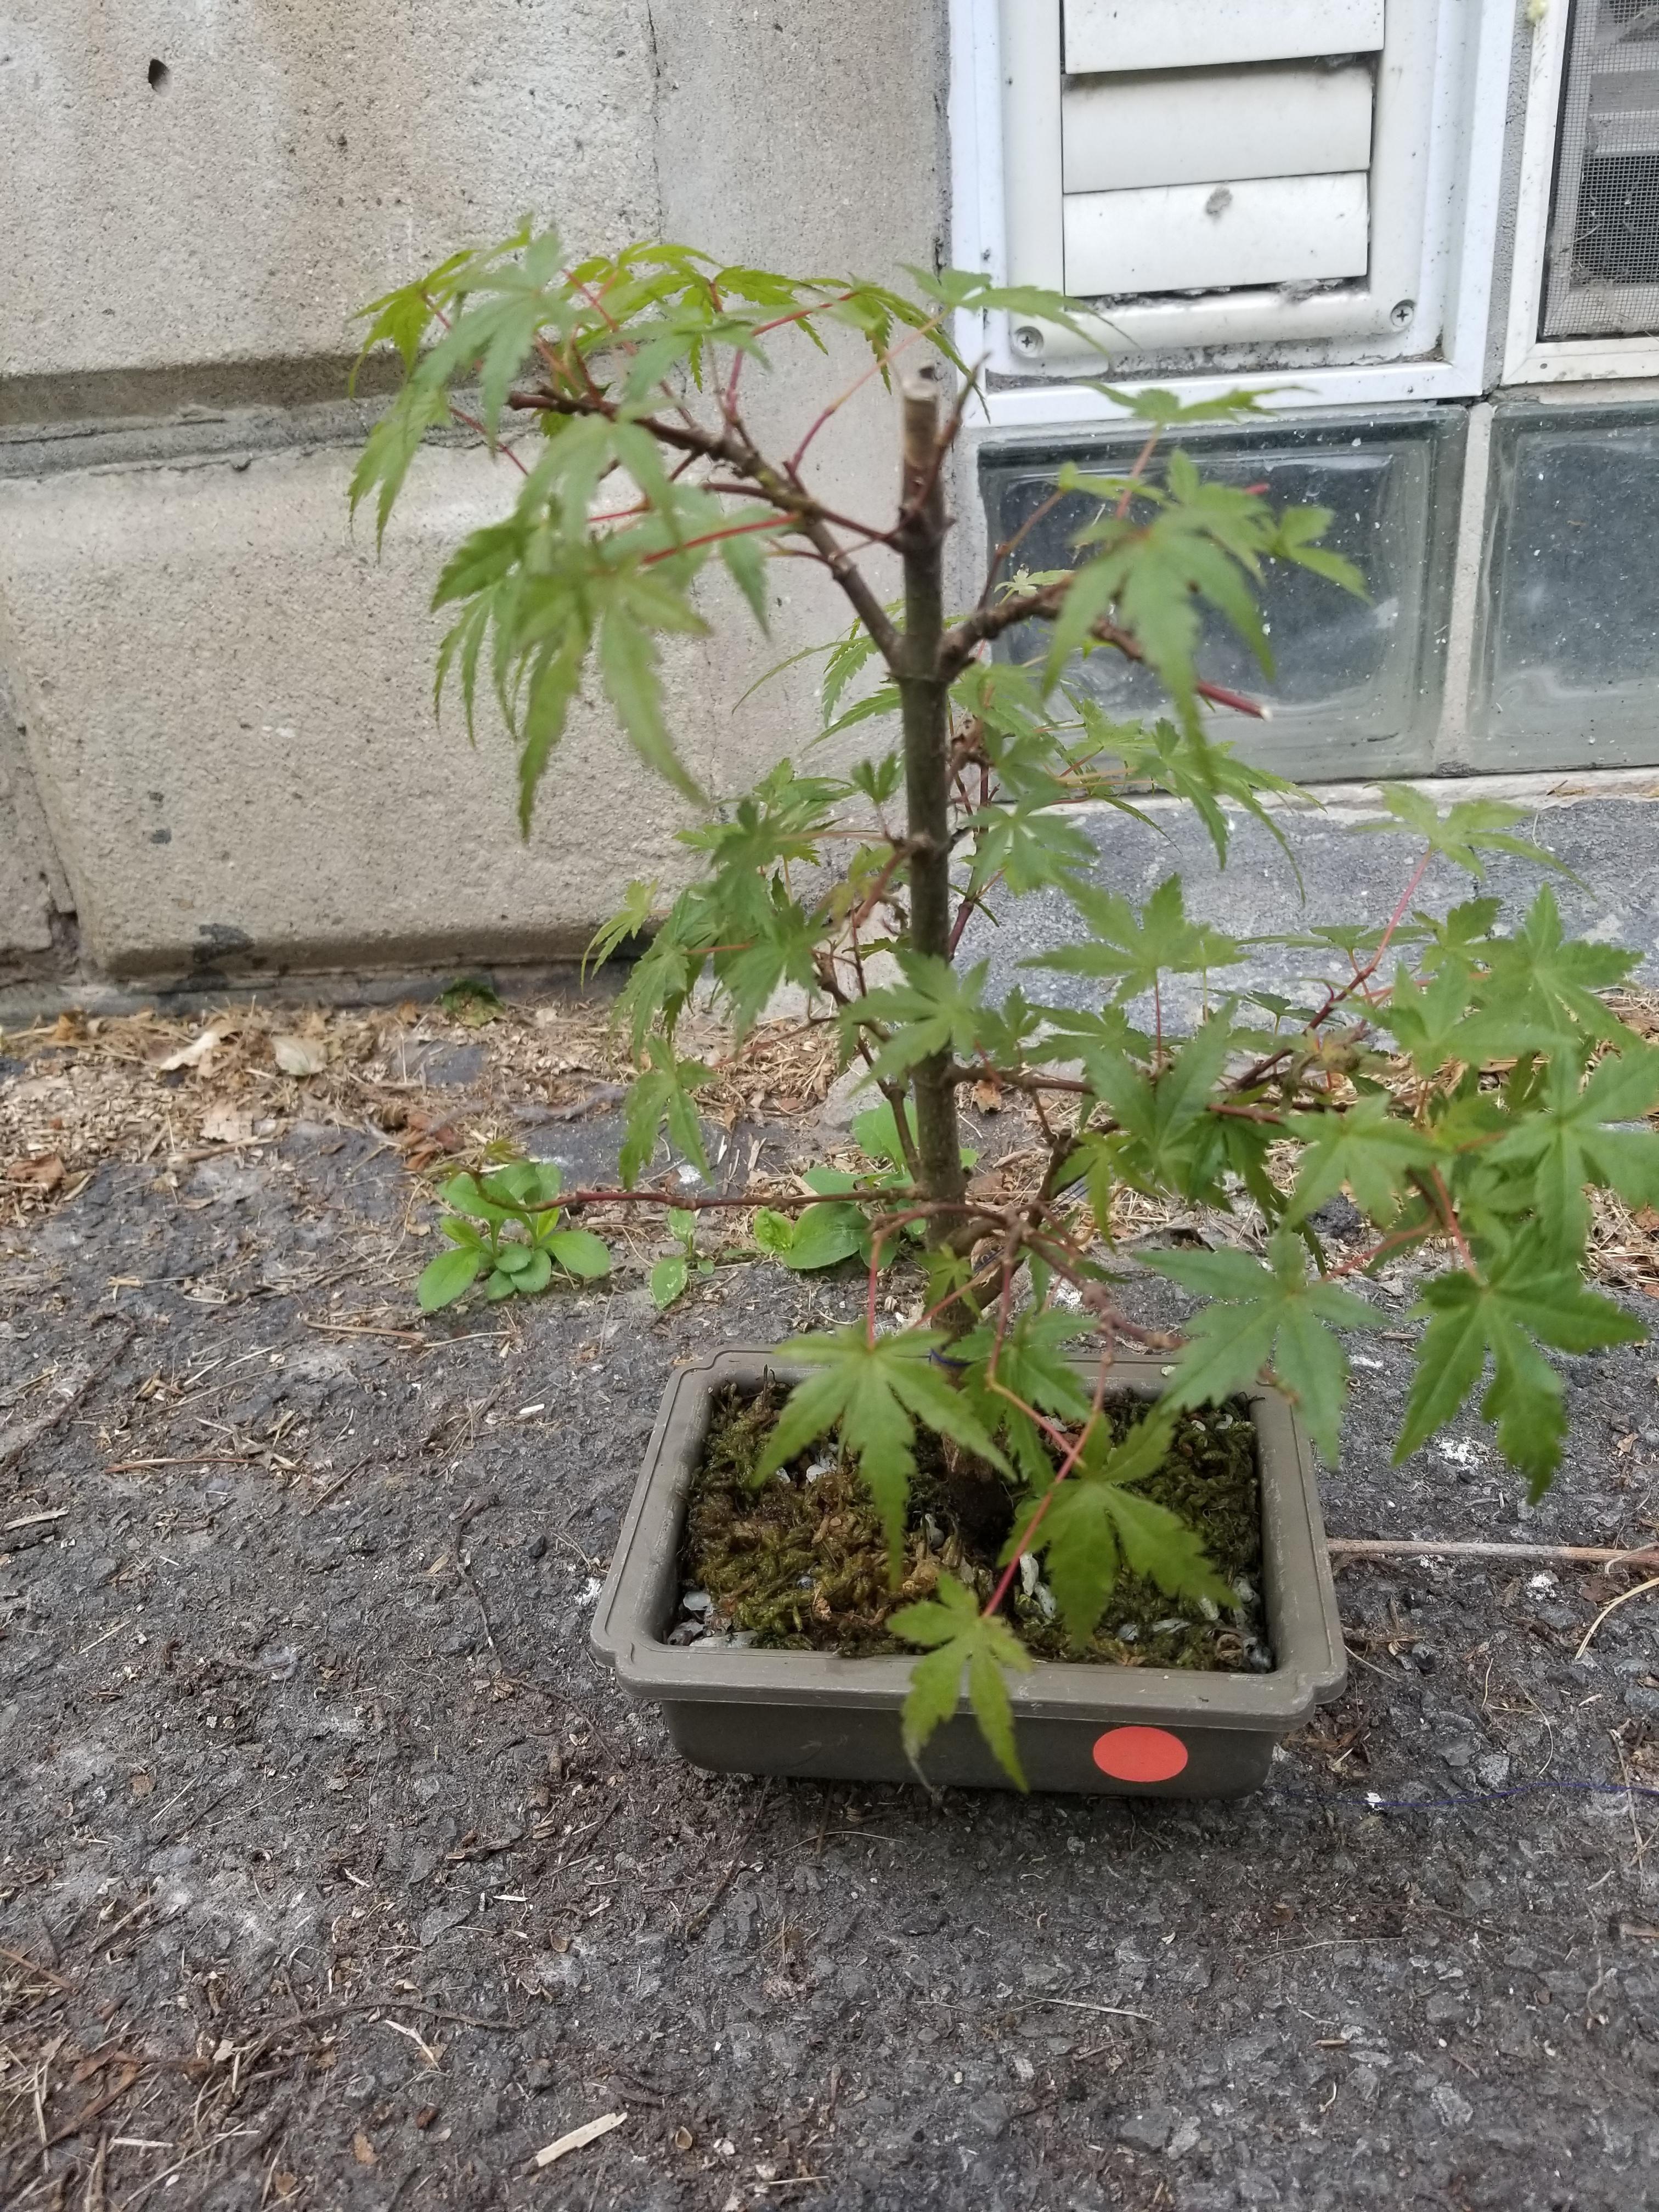 #bonsai #Japanese #Maple #western Japanese maple, western NY. First bonsai, I think it's doing ok #japanesemaple #bonsai #Japanese #Maple #western Japanese maple, western NY. First bonsai, I think it's doing ok #japanesemaple